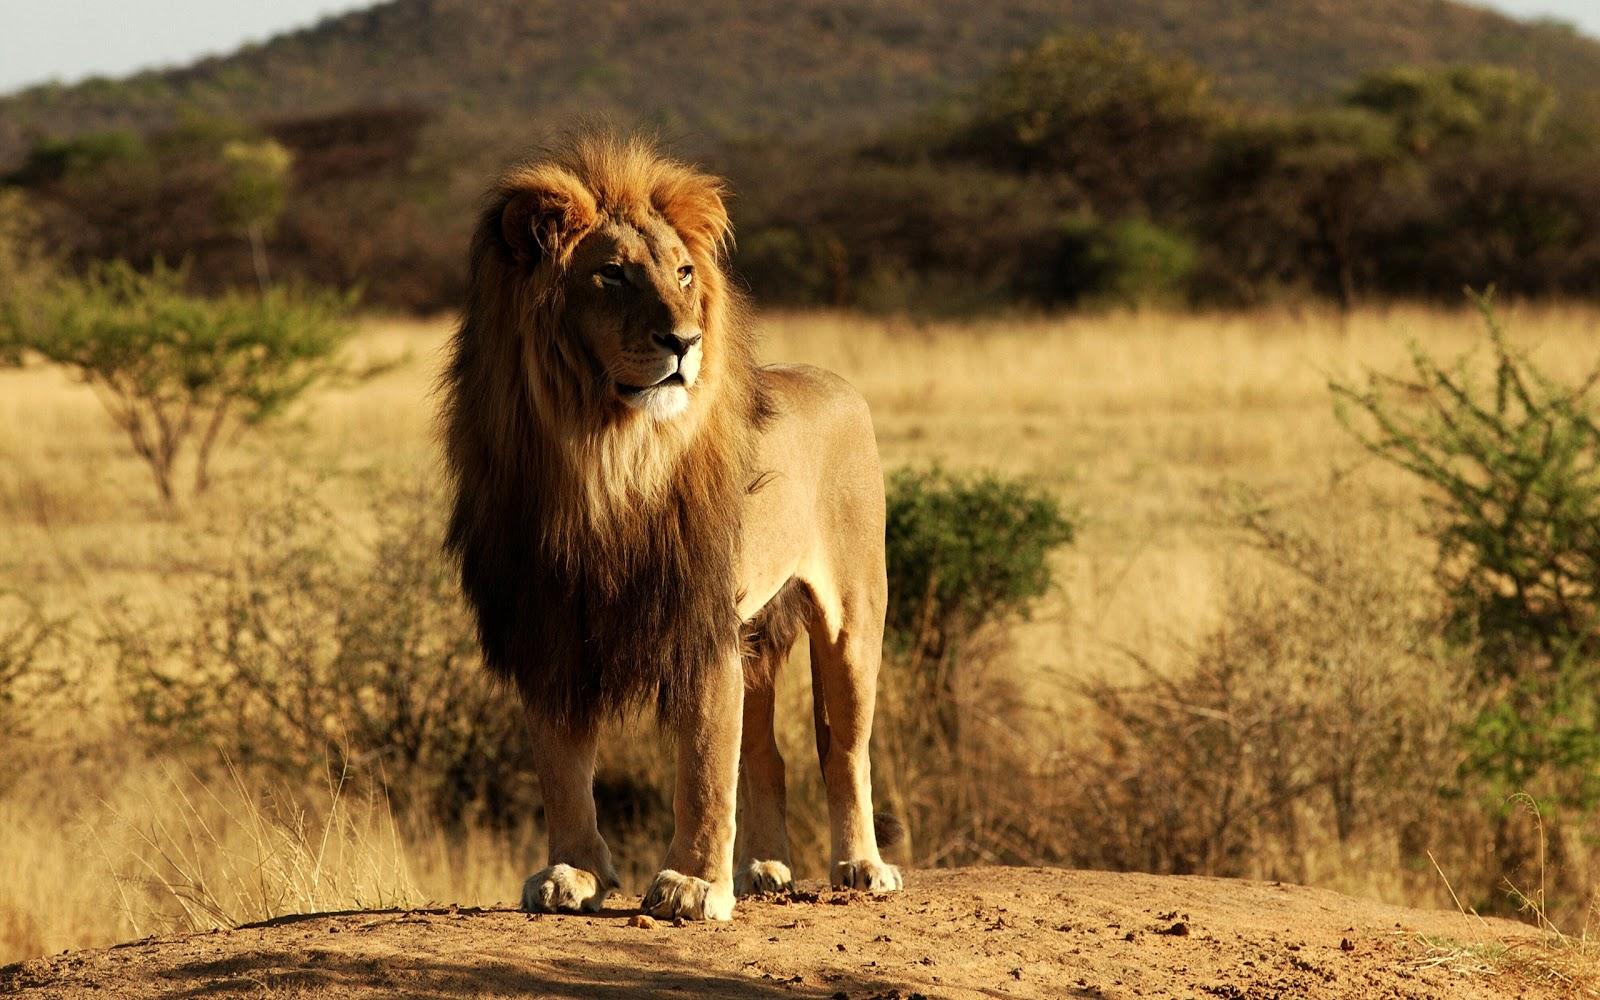 http://3.bp.blogspot.com/-gTPqG-Gl6Mk/Tle5nXOEuZI/AAAAAAAAC8k/FsXWipr3mao/s1600/king_lion.jpg